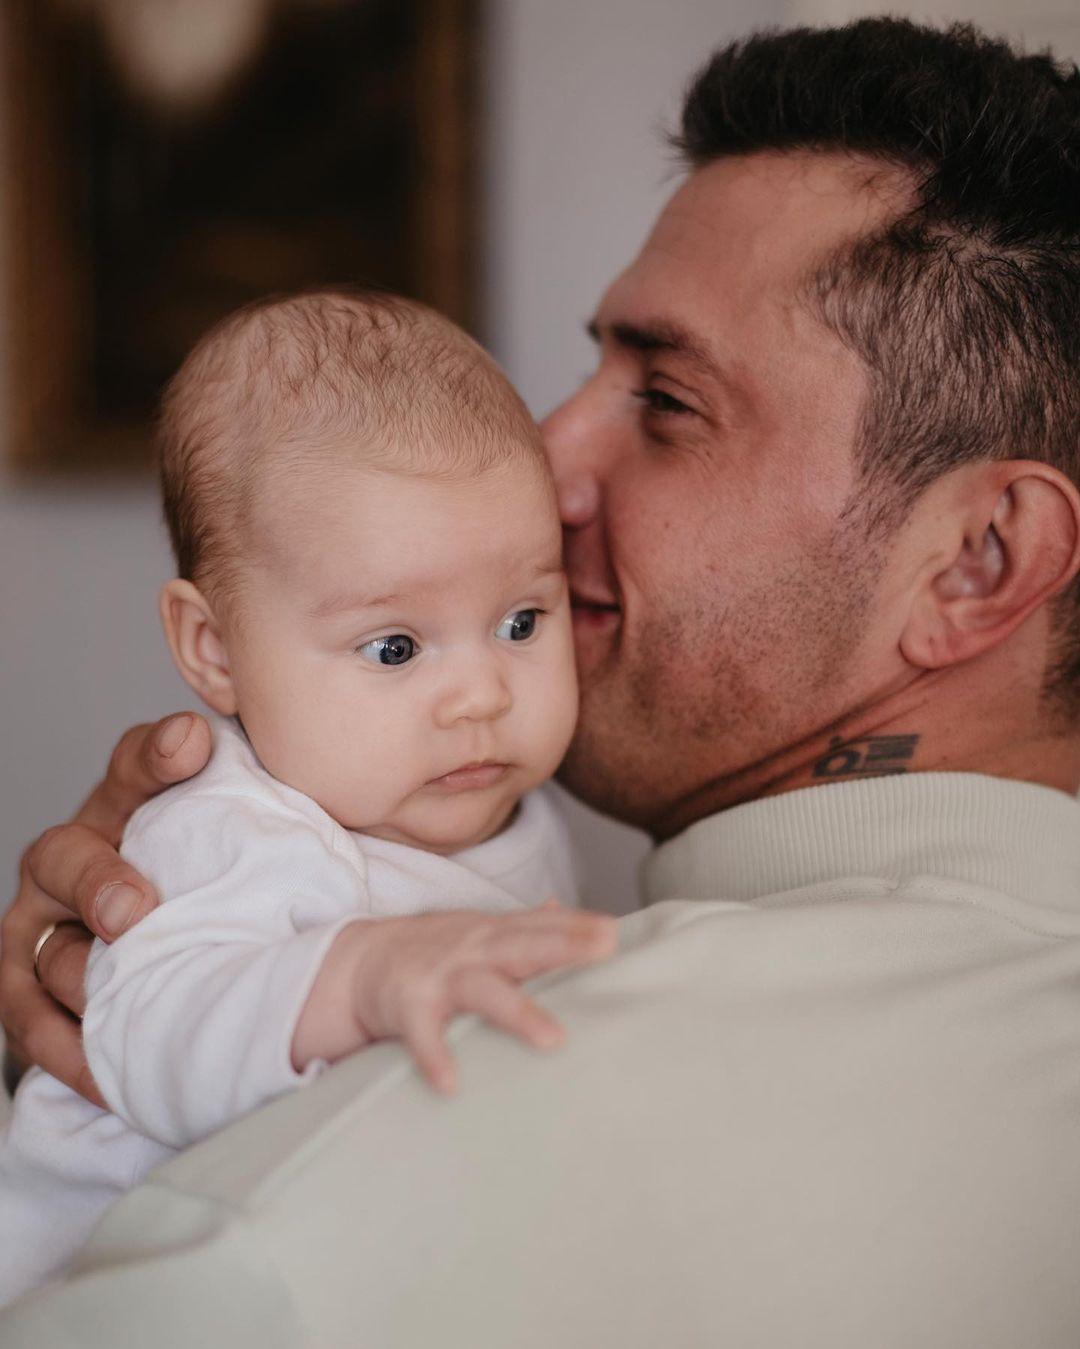 Павел Прилучный познакомил мир со своим новым малышом